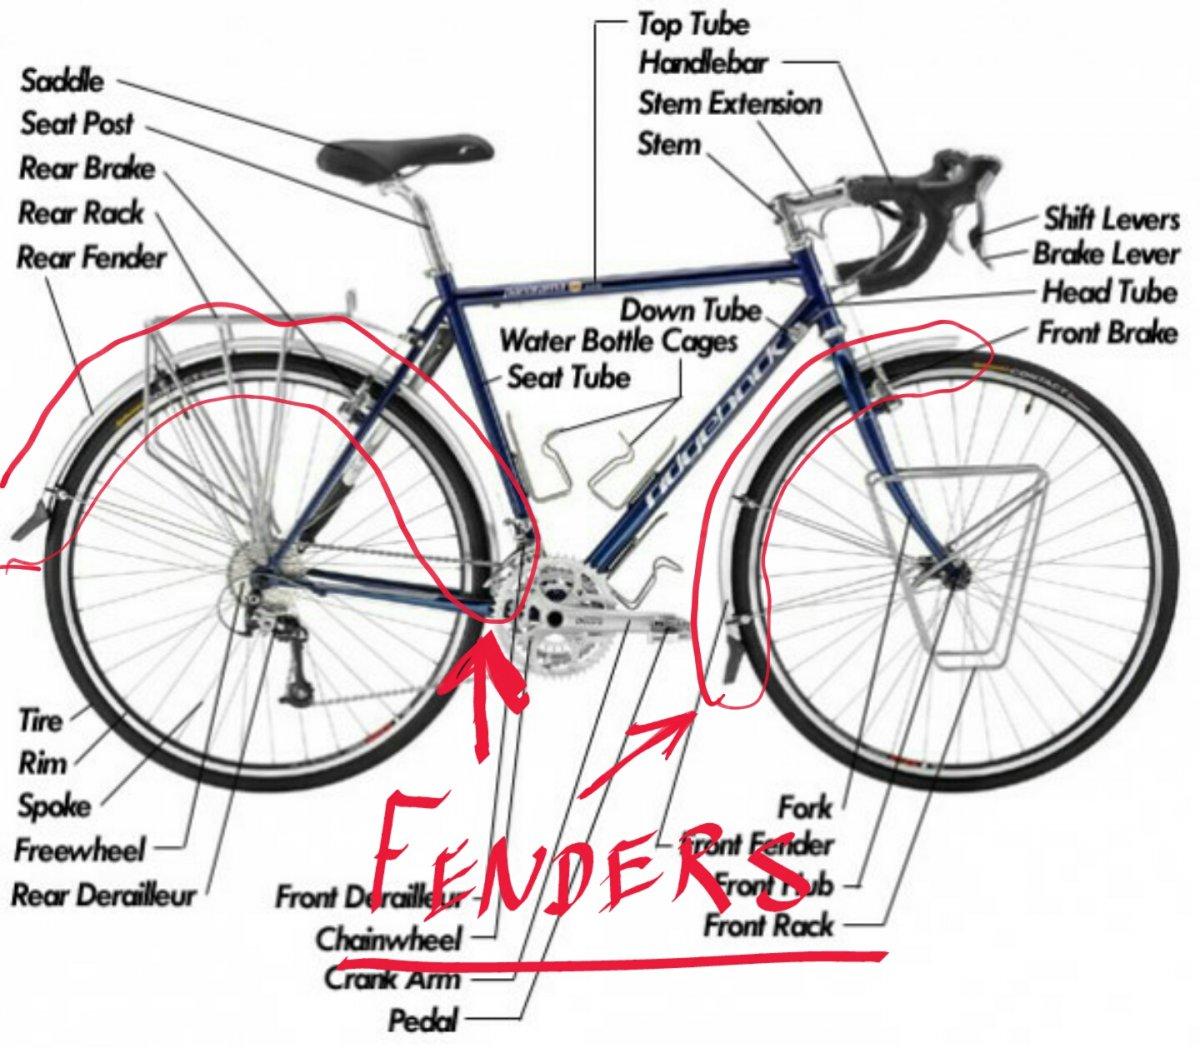 touring-bicycle-diagram-1.jpg